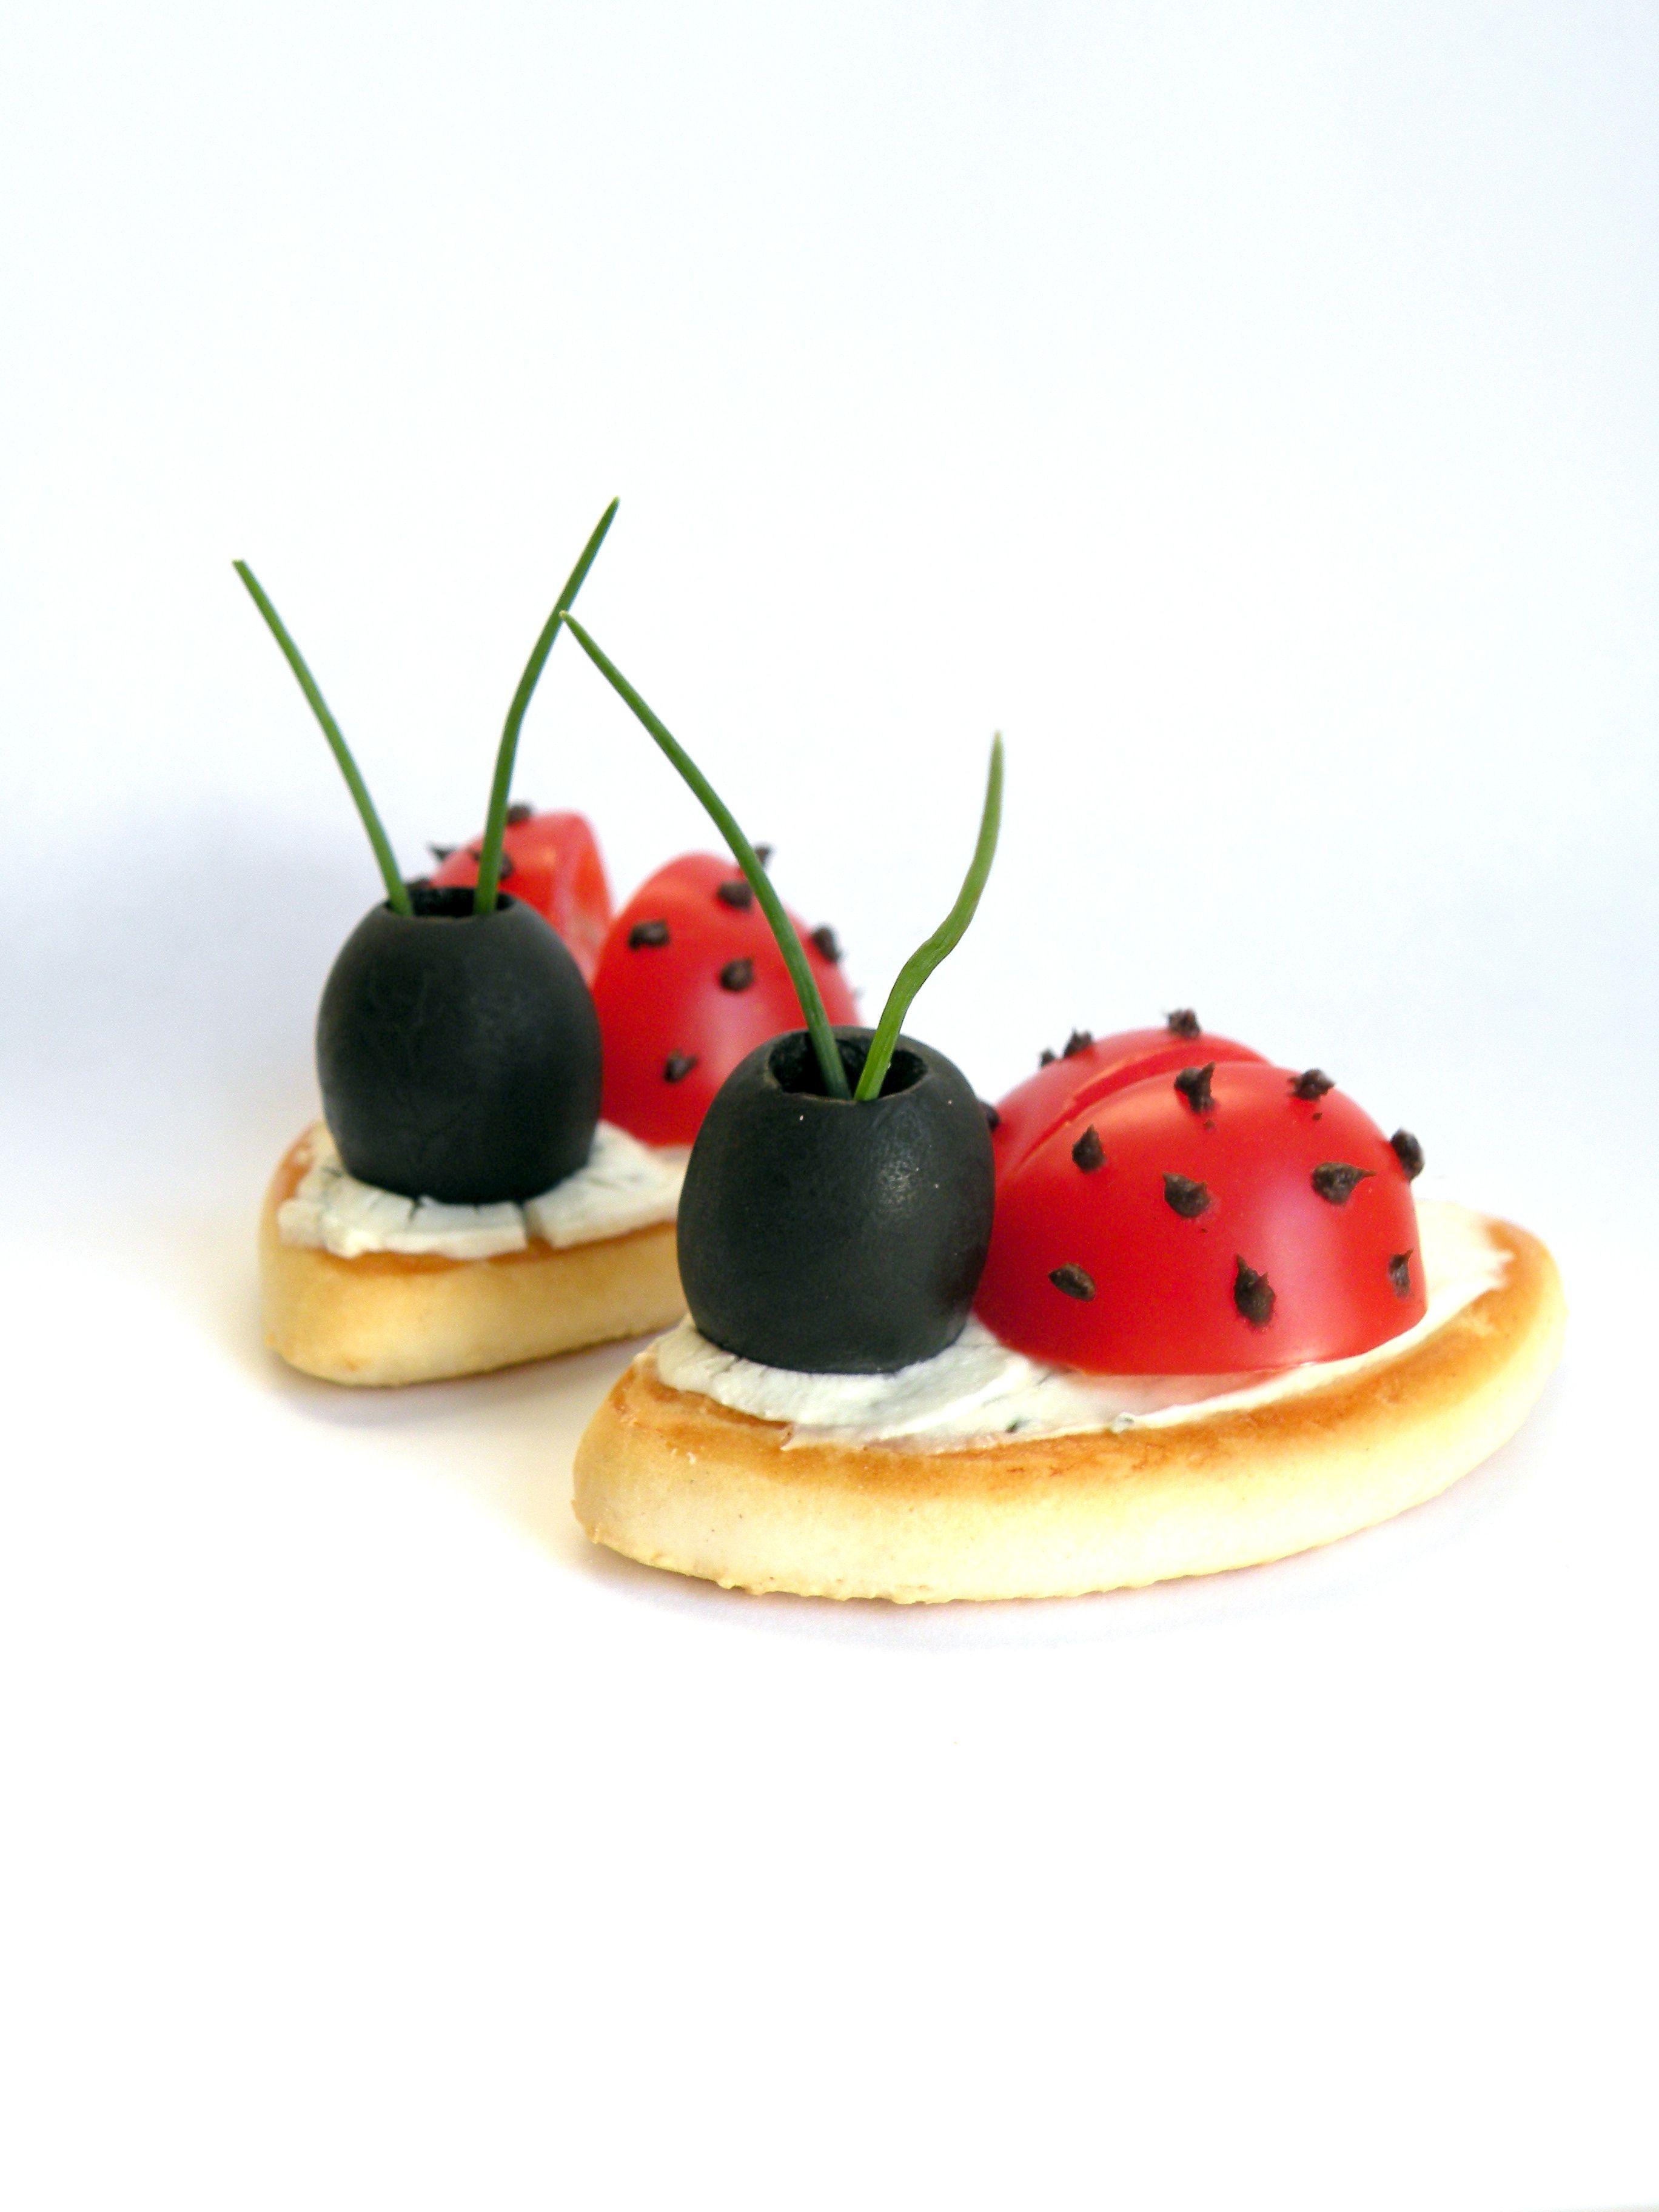 Traktatie - lieveheersbeestje - ladybug